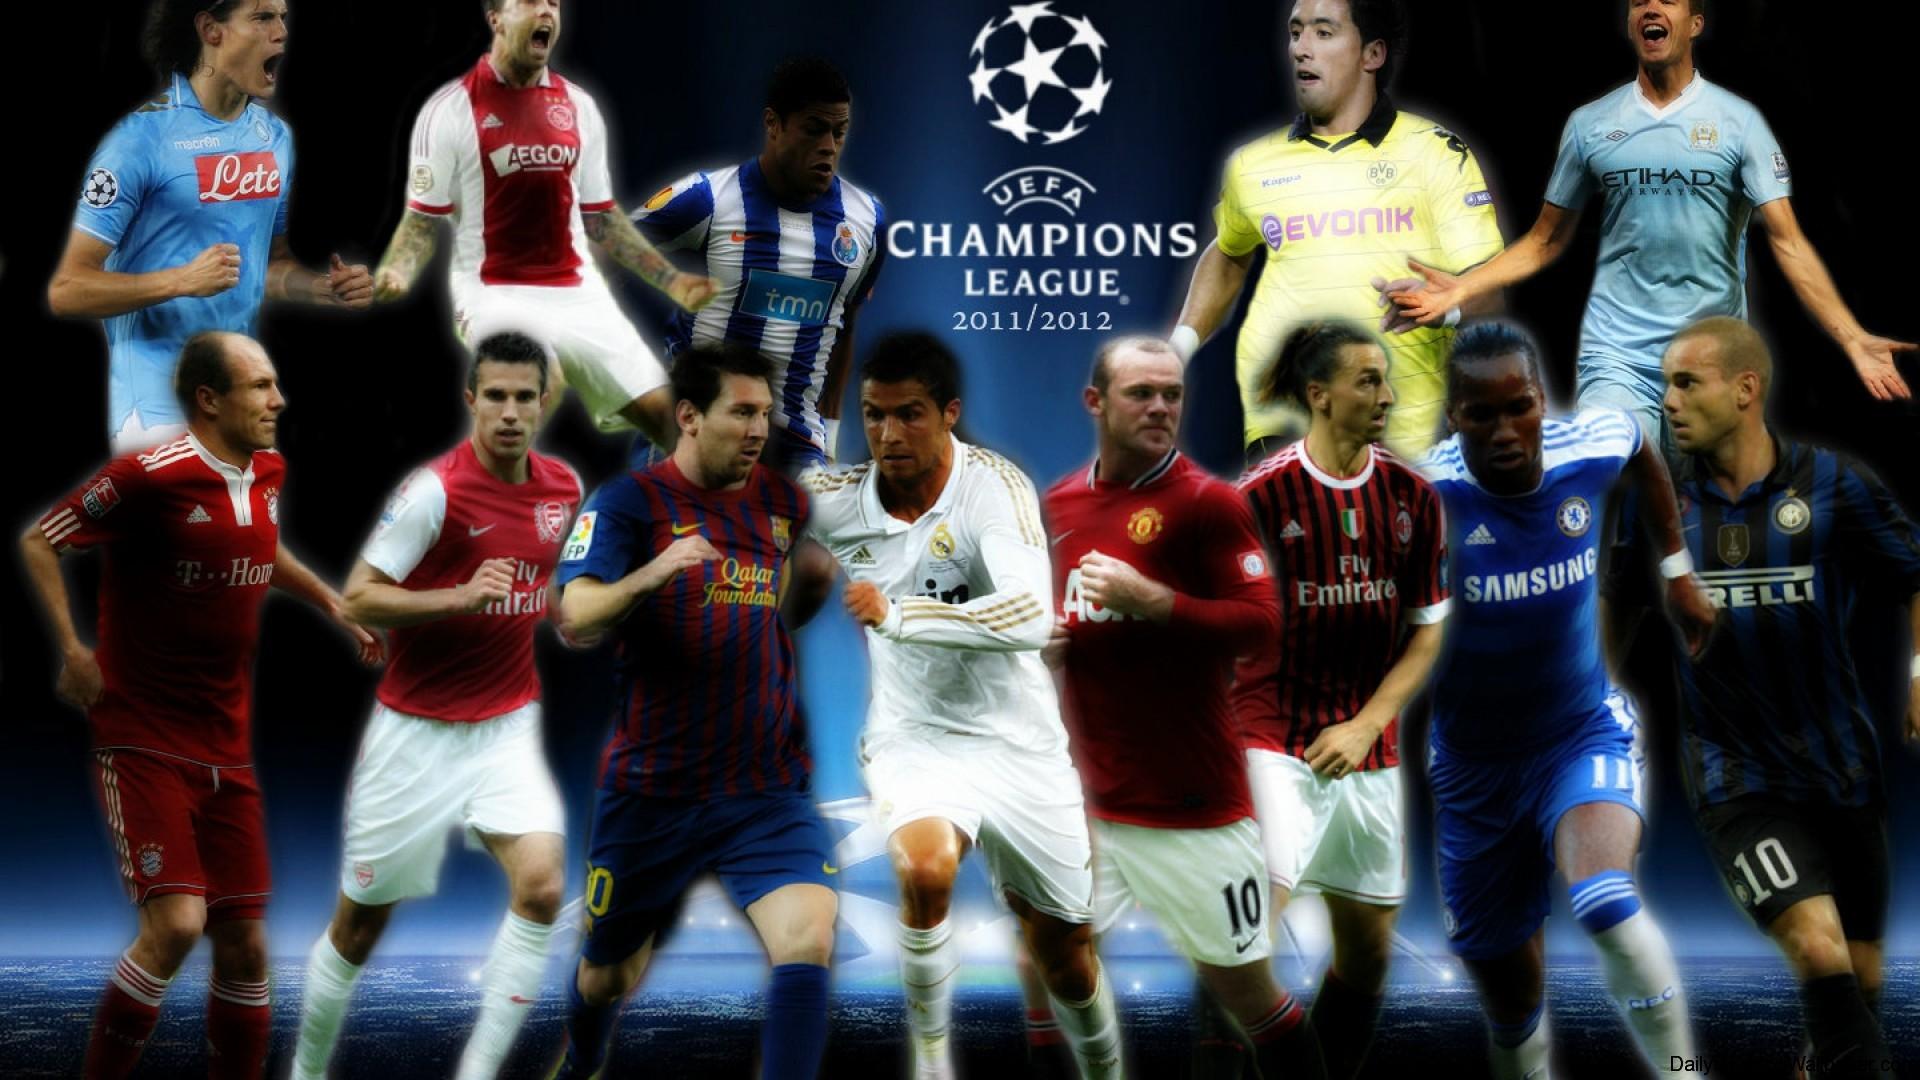 champions league wallpaper hd wallpaper highwallpaper com